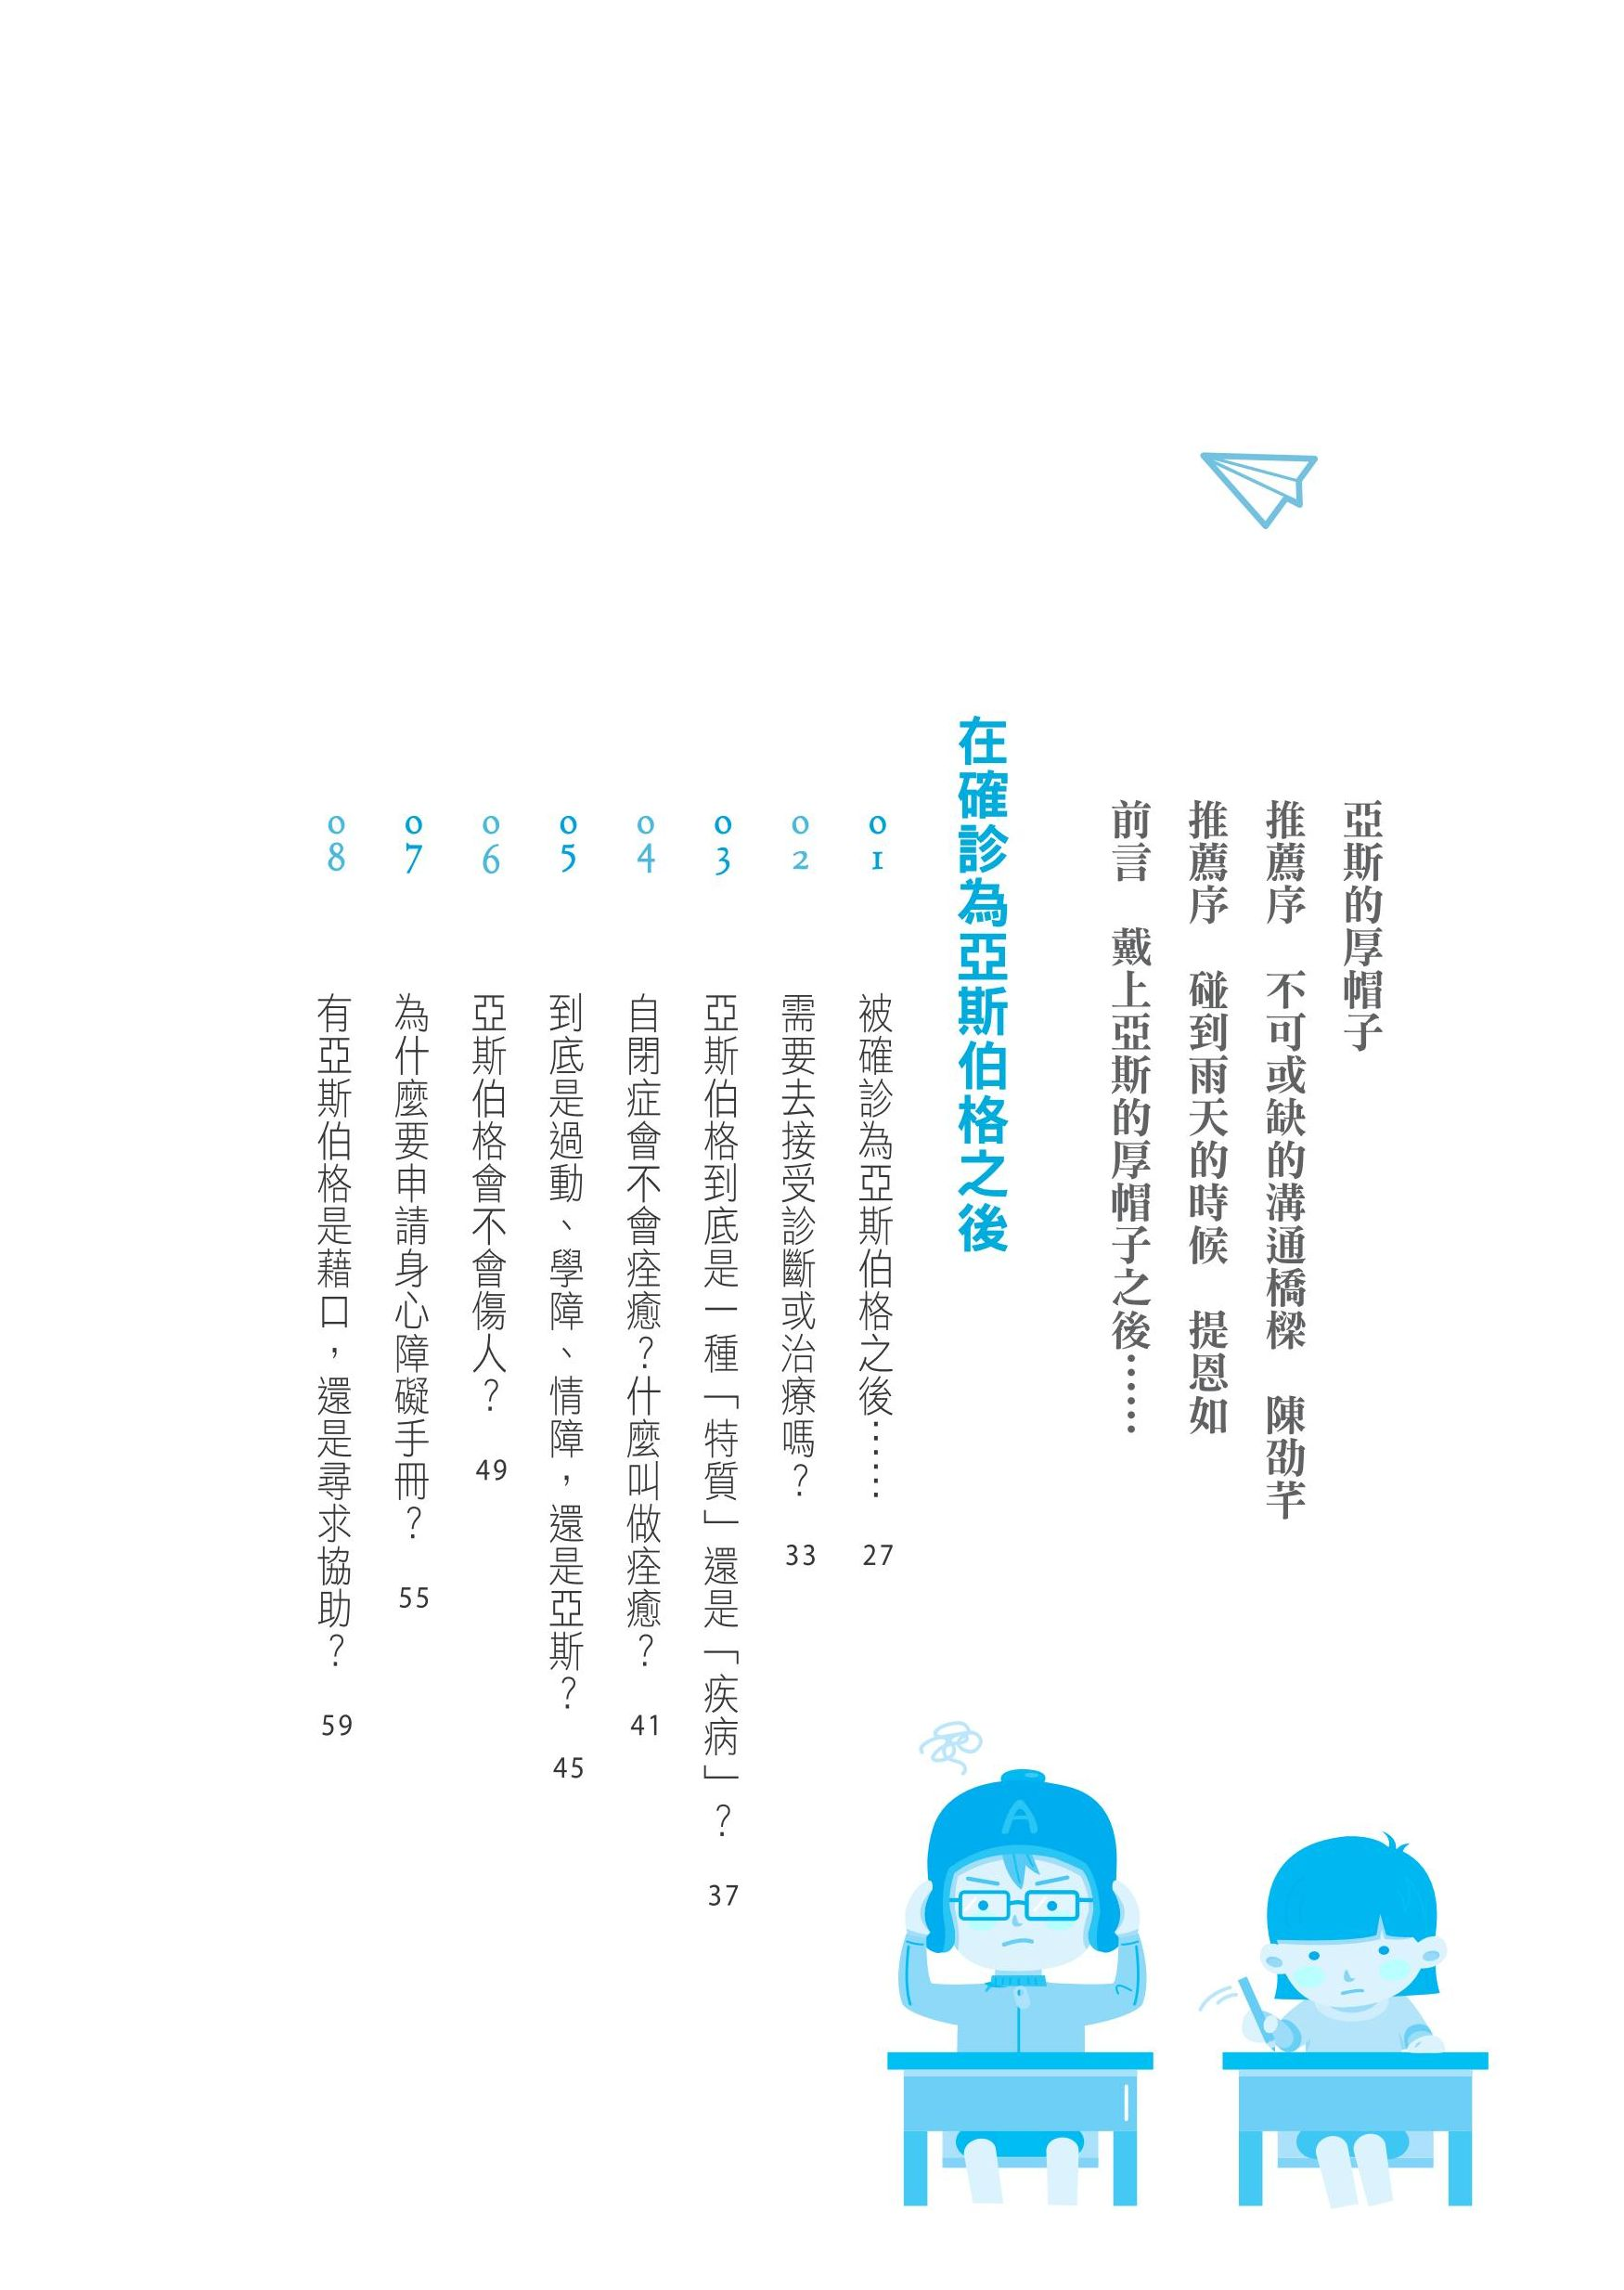 http://im2.book.com.tw/image/getImage?i=http://www.books.com.tw/img/001/070/14/0010701462_bi_01.jpg&v=567a861e&w=655&h=609